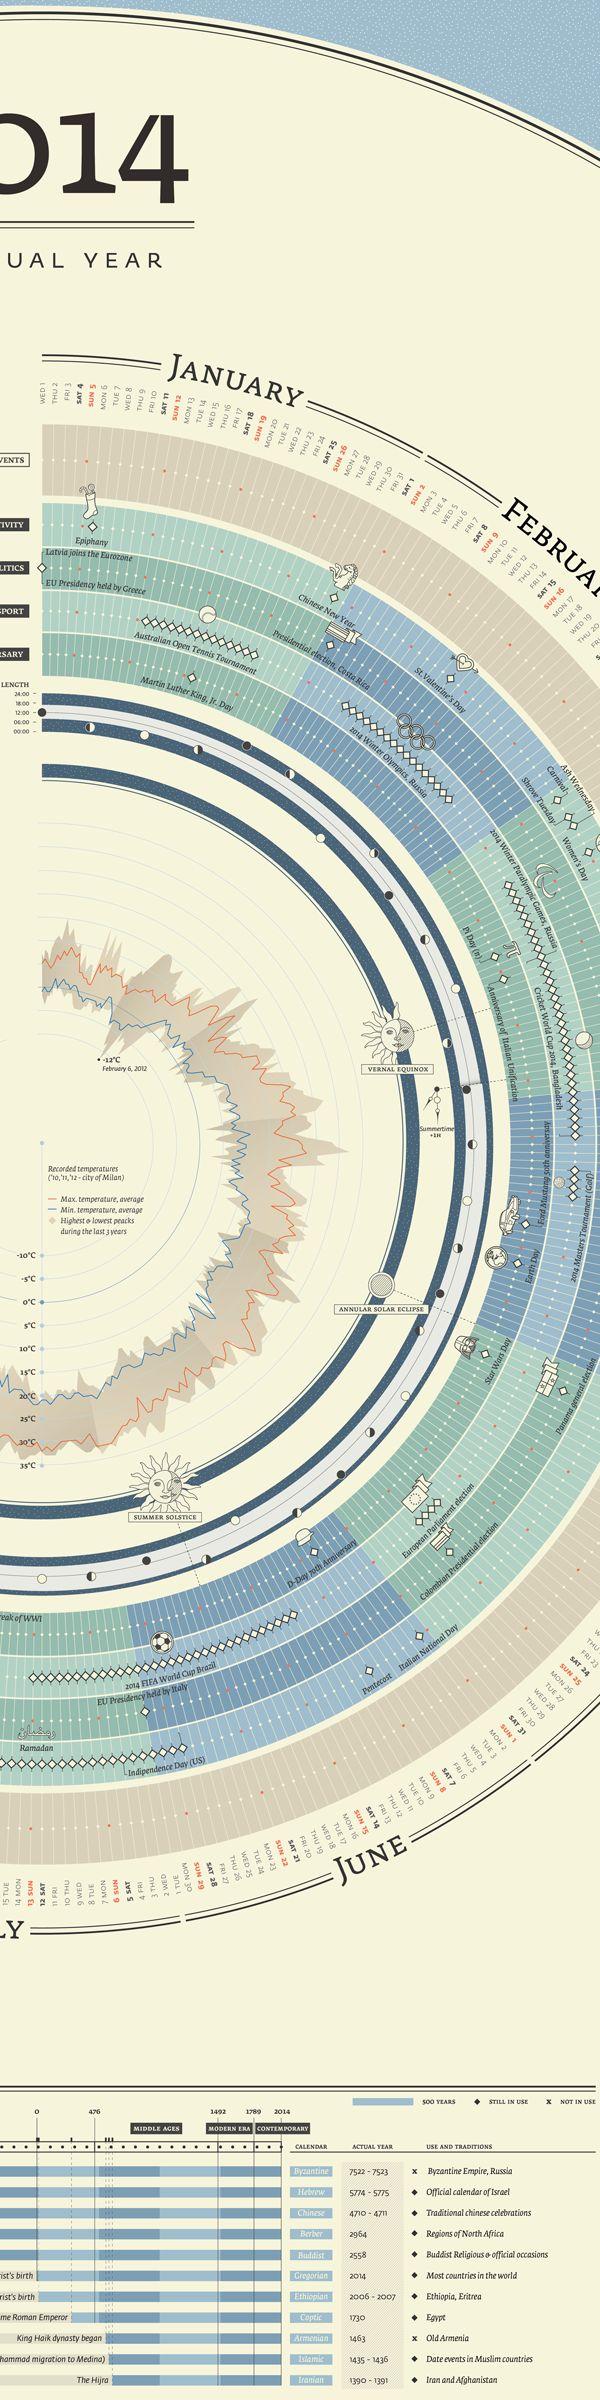 A Visual Year - 2014 Calendar by Francesco Roveta, via Behance